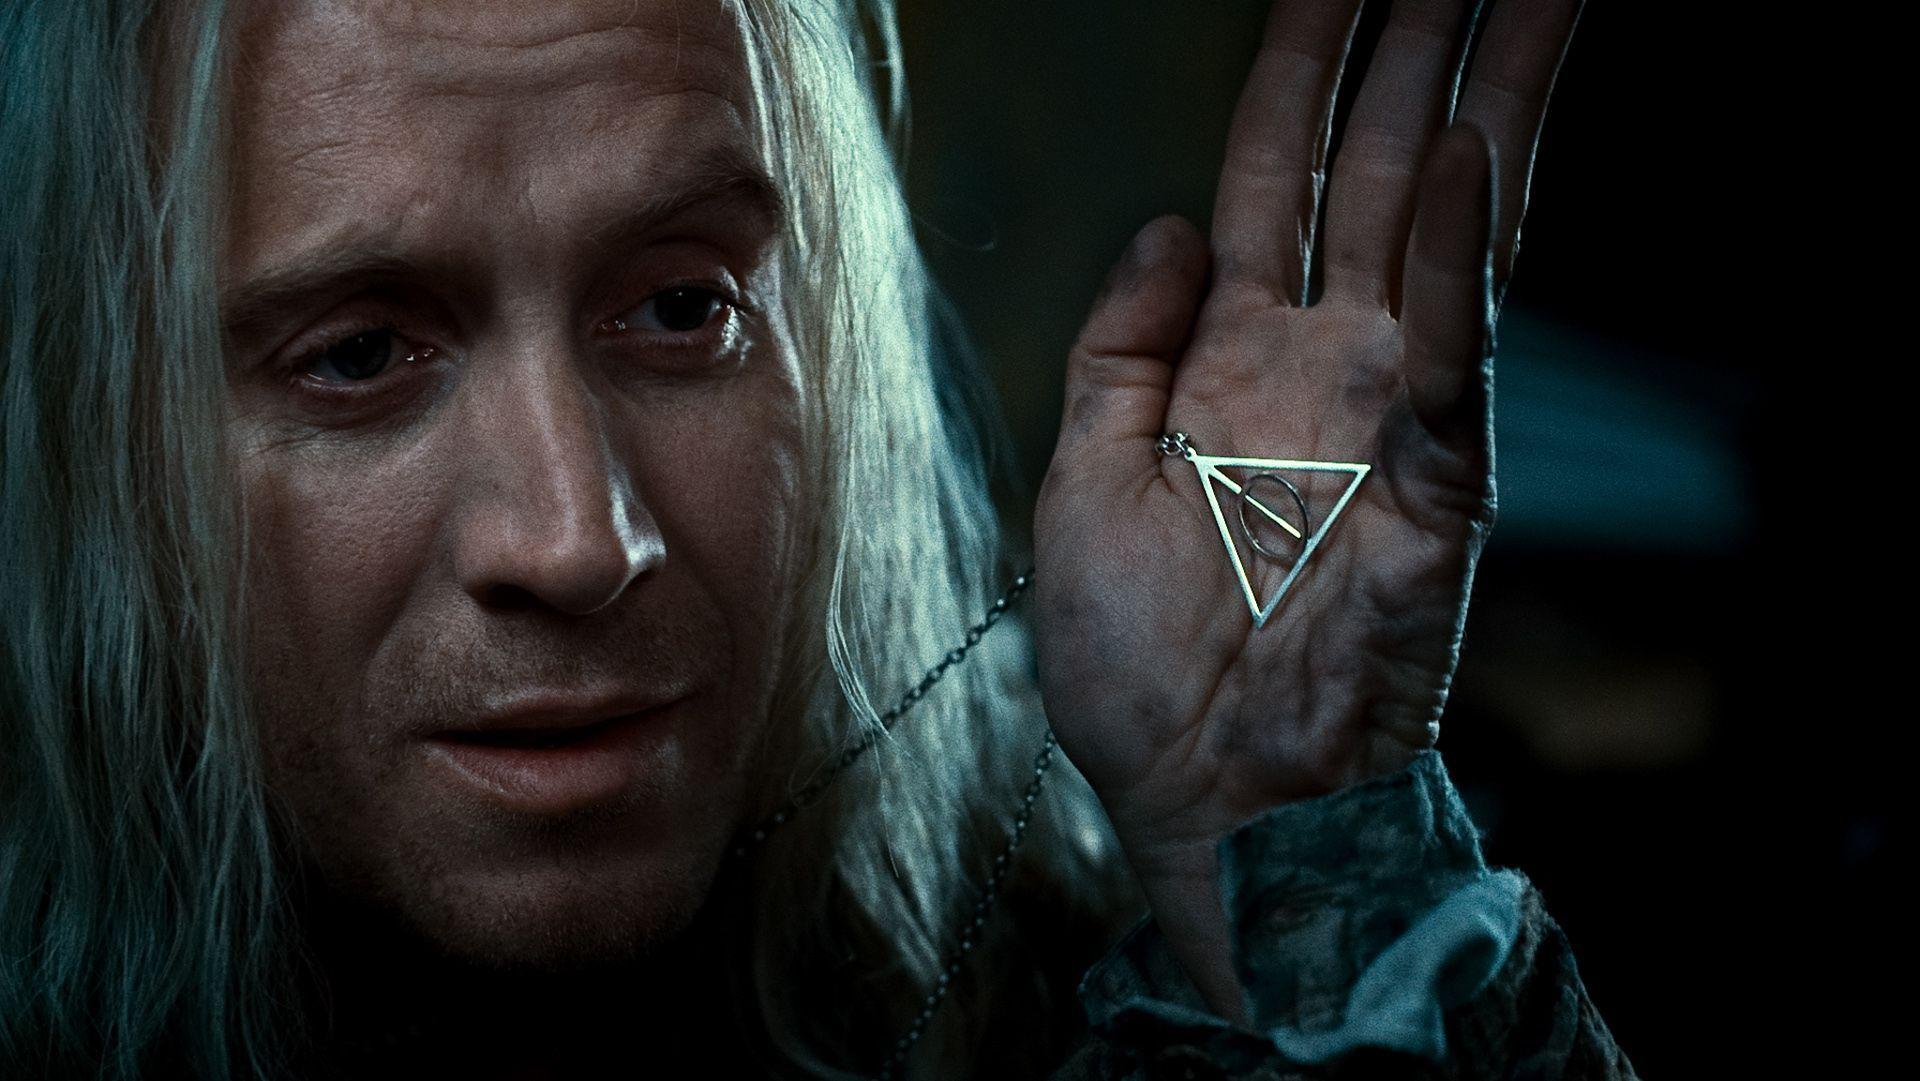 кадры из фильма Гарри Поттер и Дары Смерти: Часть первая Рис Ивэнс,